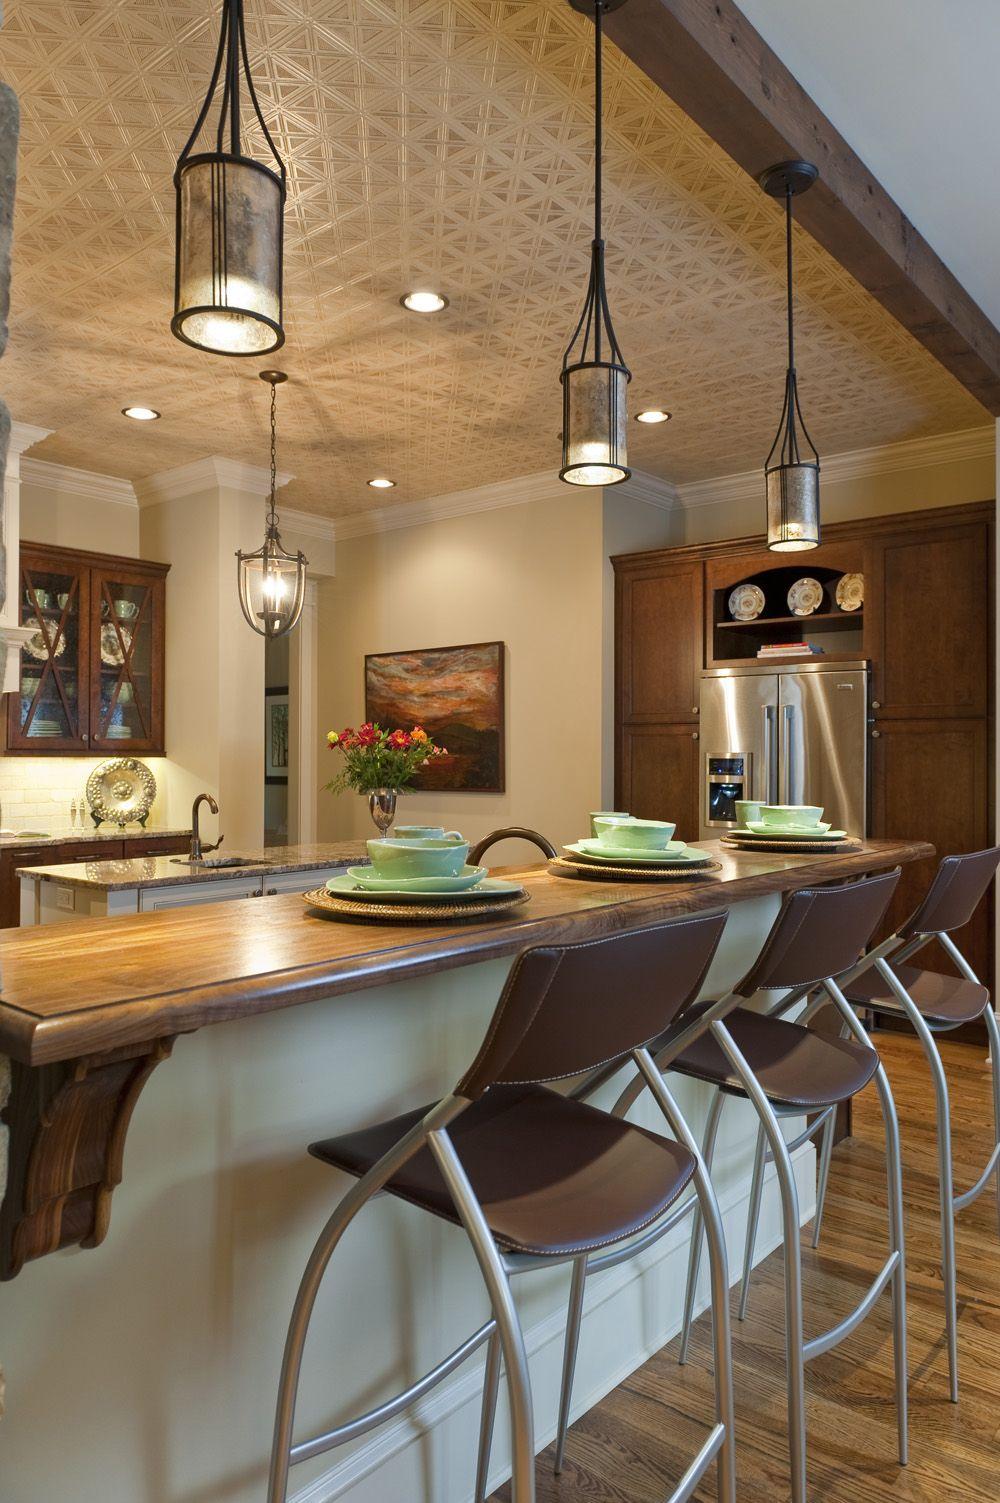 Beleuchtung Über Küche Tisch Moderne küchenbeleuchtung